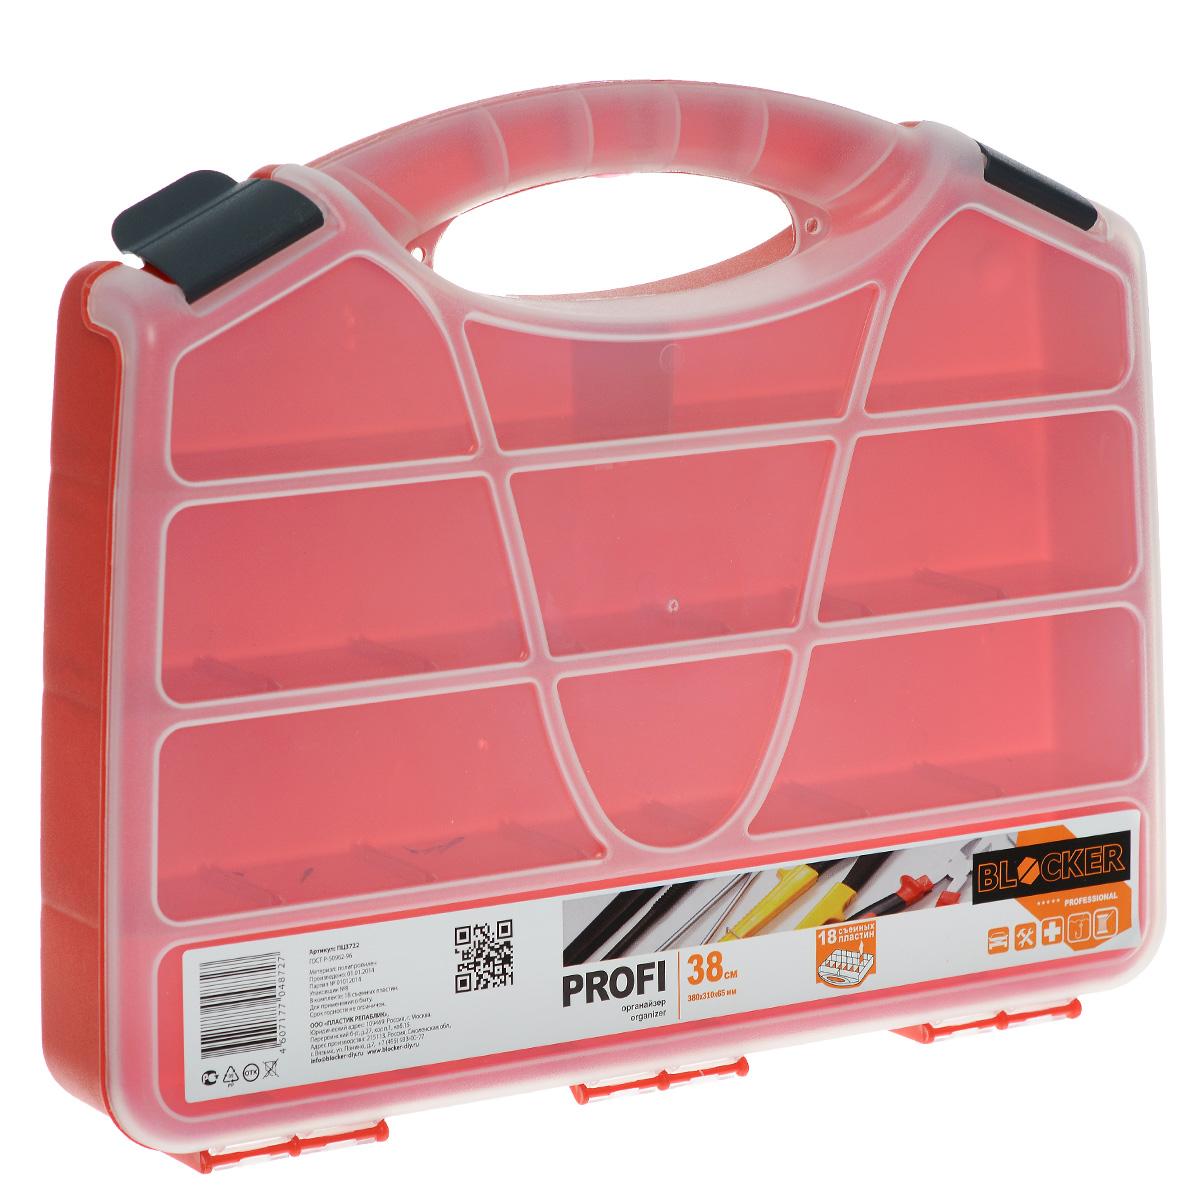 Органайзер Blocker Profi, со съемными перегородками, цвет: красный, прозрачный, серый, 38 х 31 х 6,5 смRG-D31SОрганайзер Blocker Profi изготовлен из высококачественного прочного пластика и предназначен для хранения и переноски инструментов, рыболовных принадлежностей и различных мелочей. Оснащен 5 большими отделениями, в 3 из которых можно вставить перегородки (в комплекте - 18 перегородок). Органайзер надежно закрывается при помощи пластмассовых защелок. Крышка выполнена из прозрачного пластика, что позволяет видеть содержимое.Размер самого большого отделения: 37 см х 6,5 см х 5,8 см.Размер самого маленького отделения: 6,5 см х 5,5 см х 5,8 см.Общий размер органайзера: 38 см х 31 см х 6,5 см.